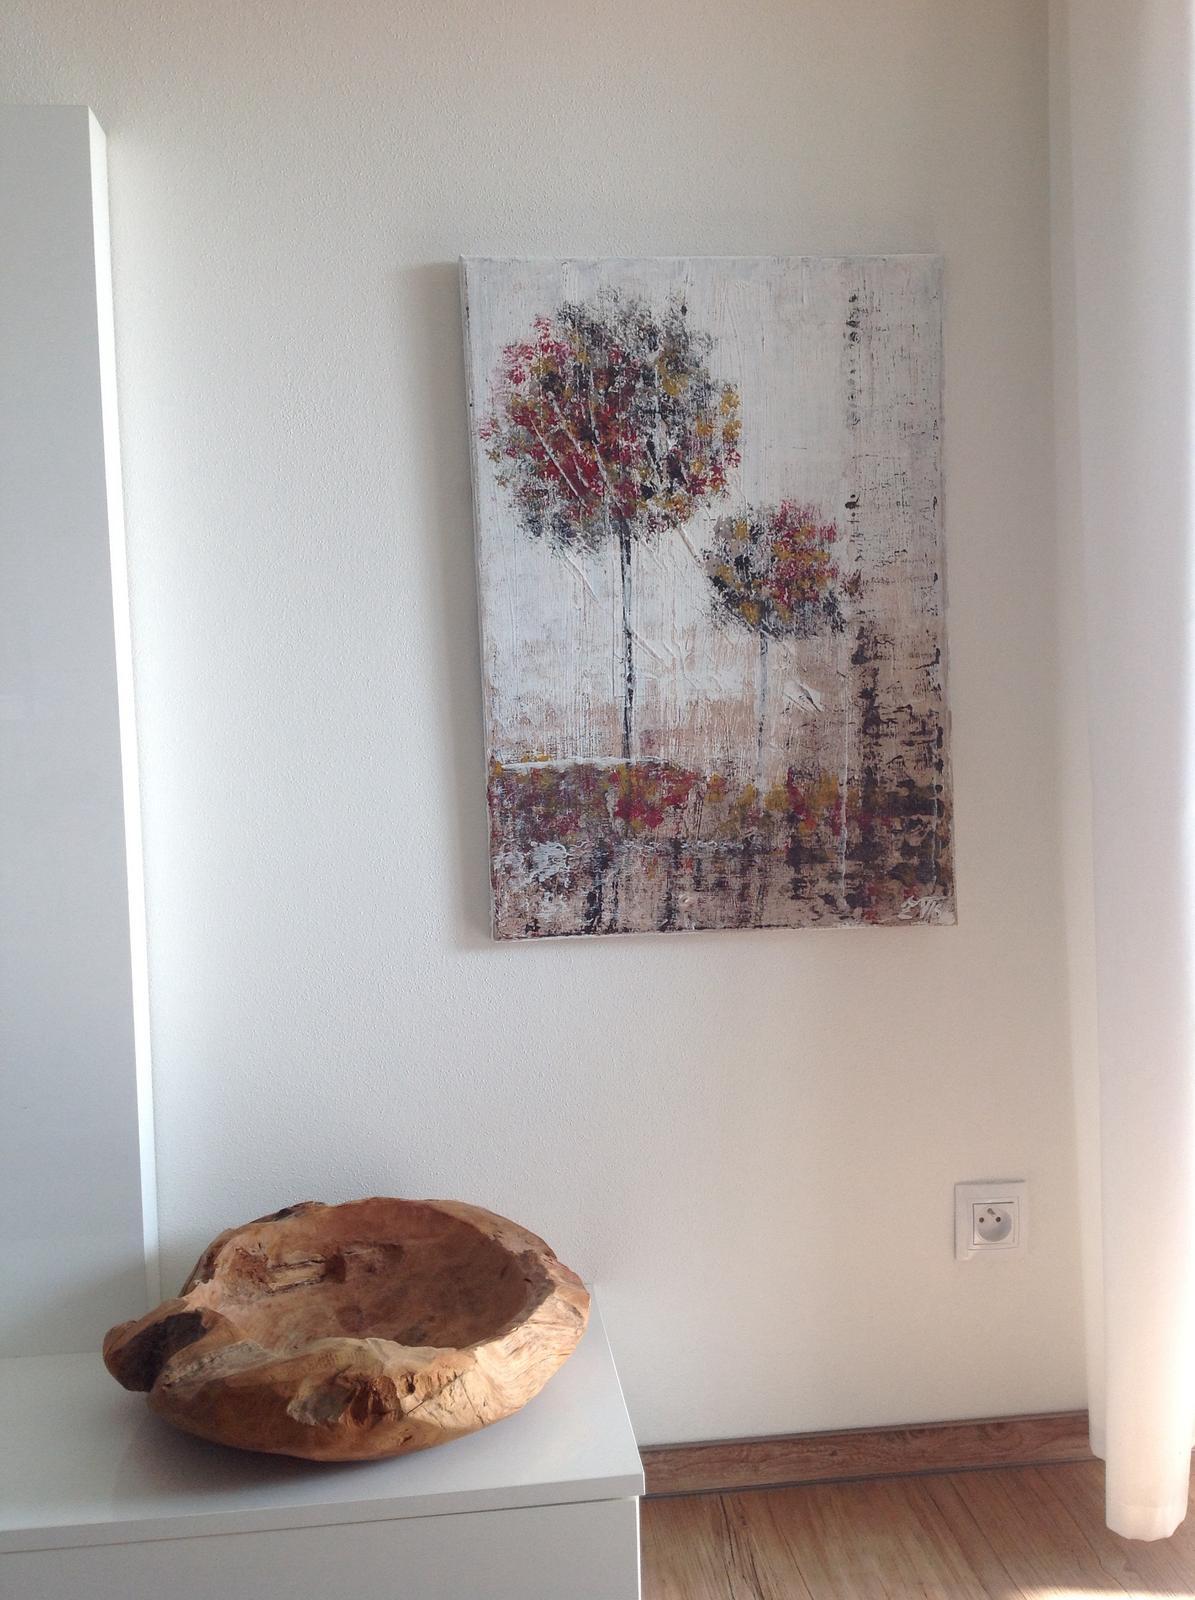 Mé obrazy v interiérech - Na podzim, akryl 2016, 50x70 cm, cena 2800Kč